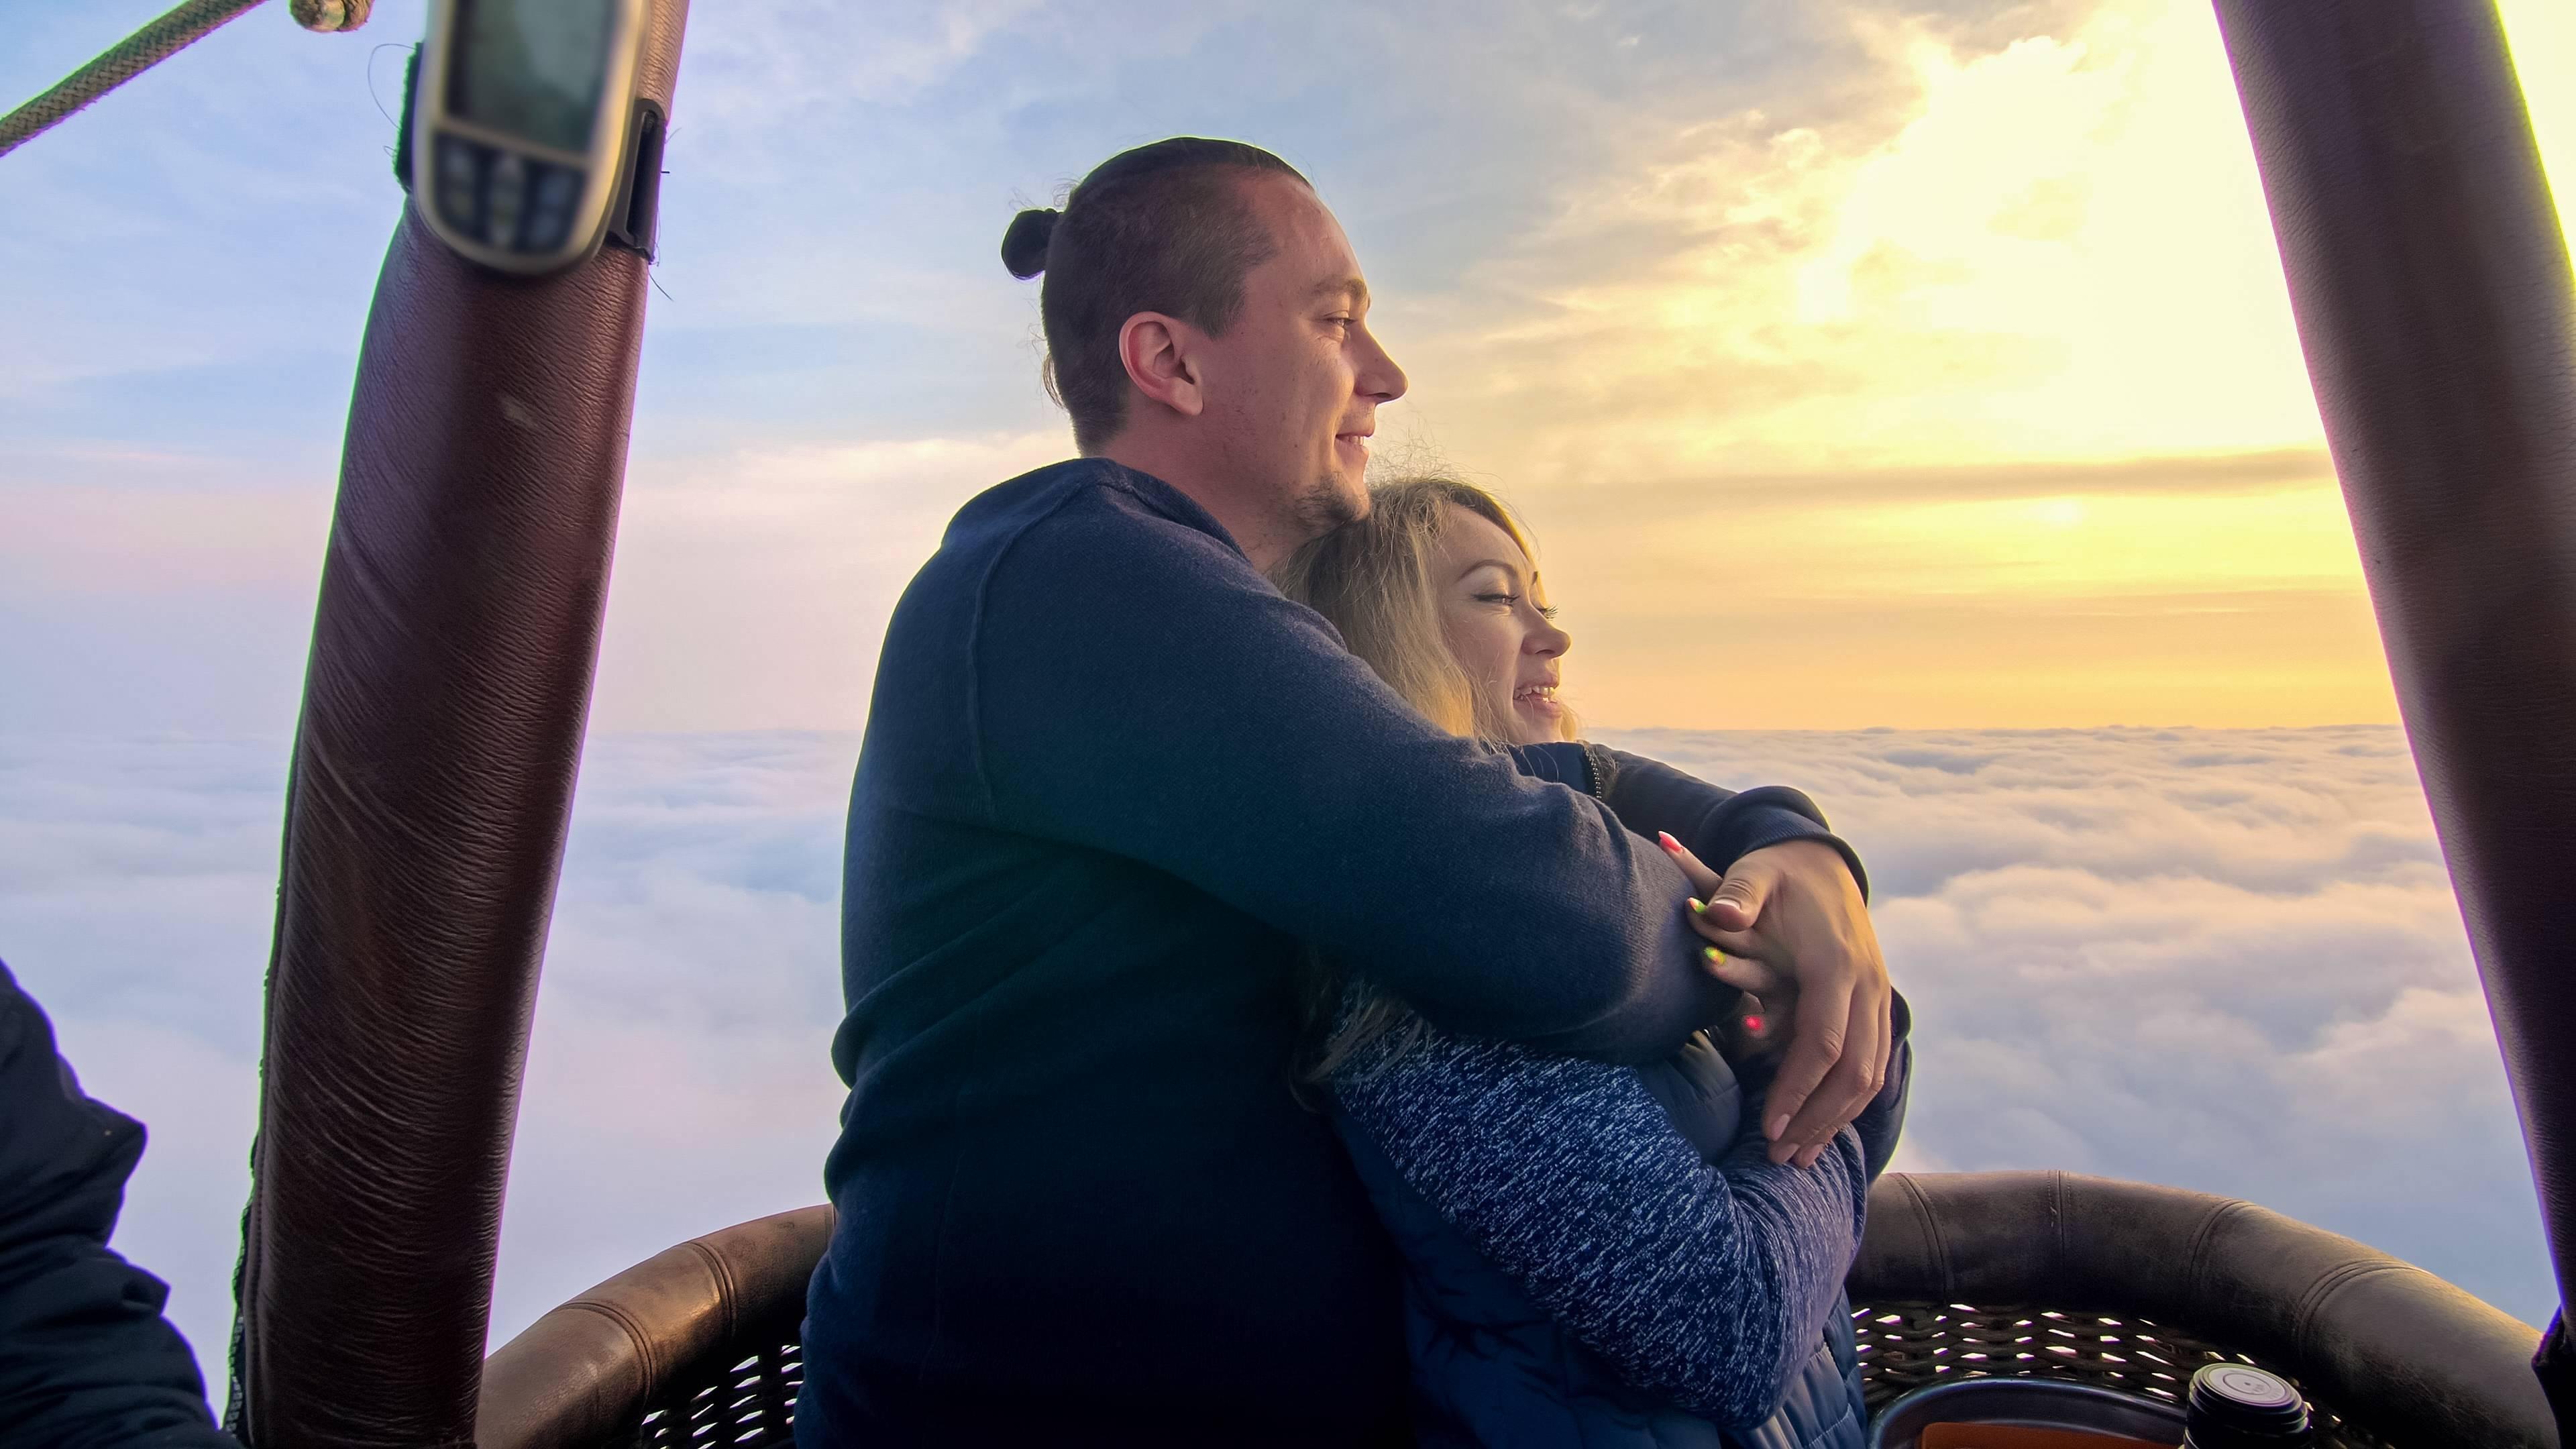 Vol montgolfière sortie romantique